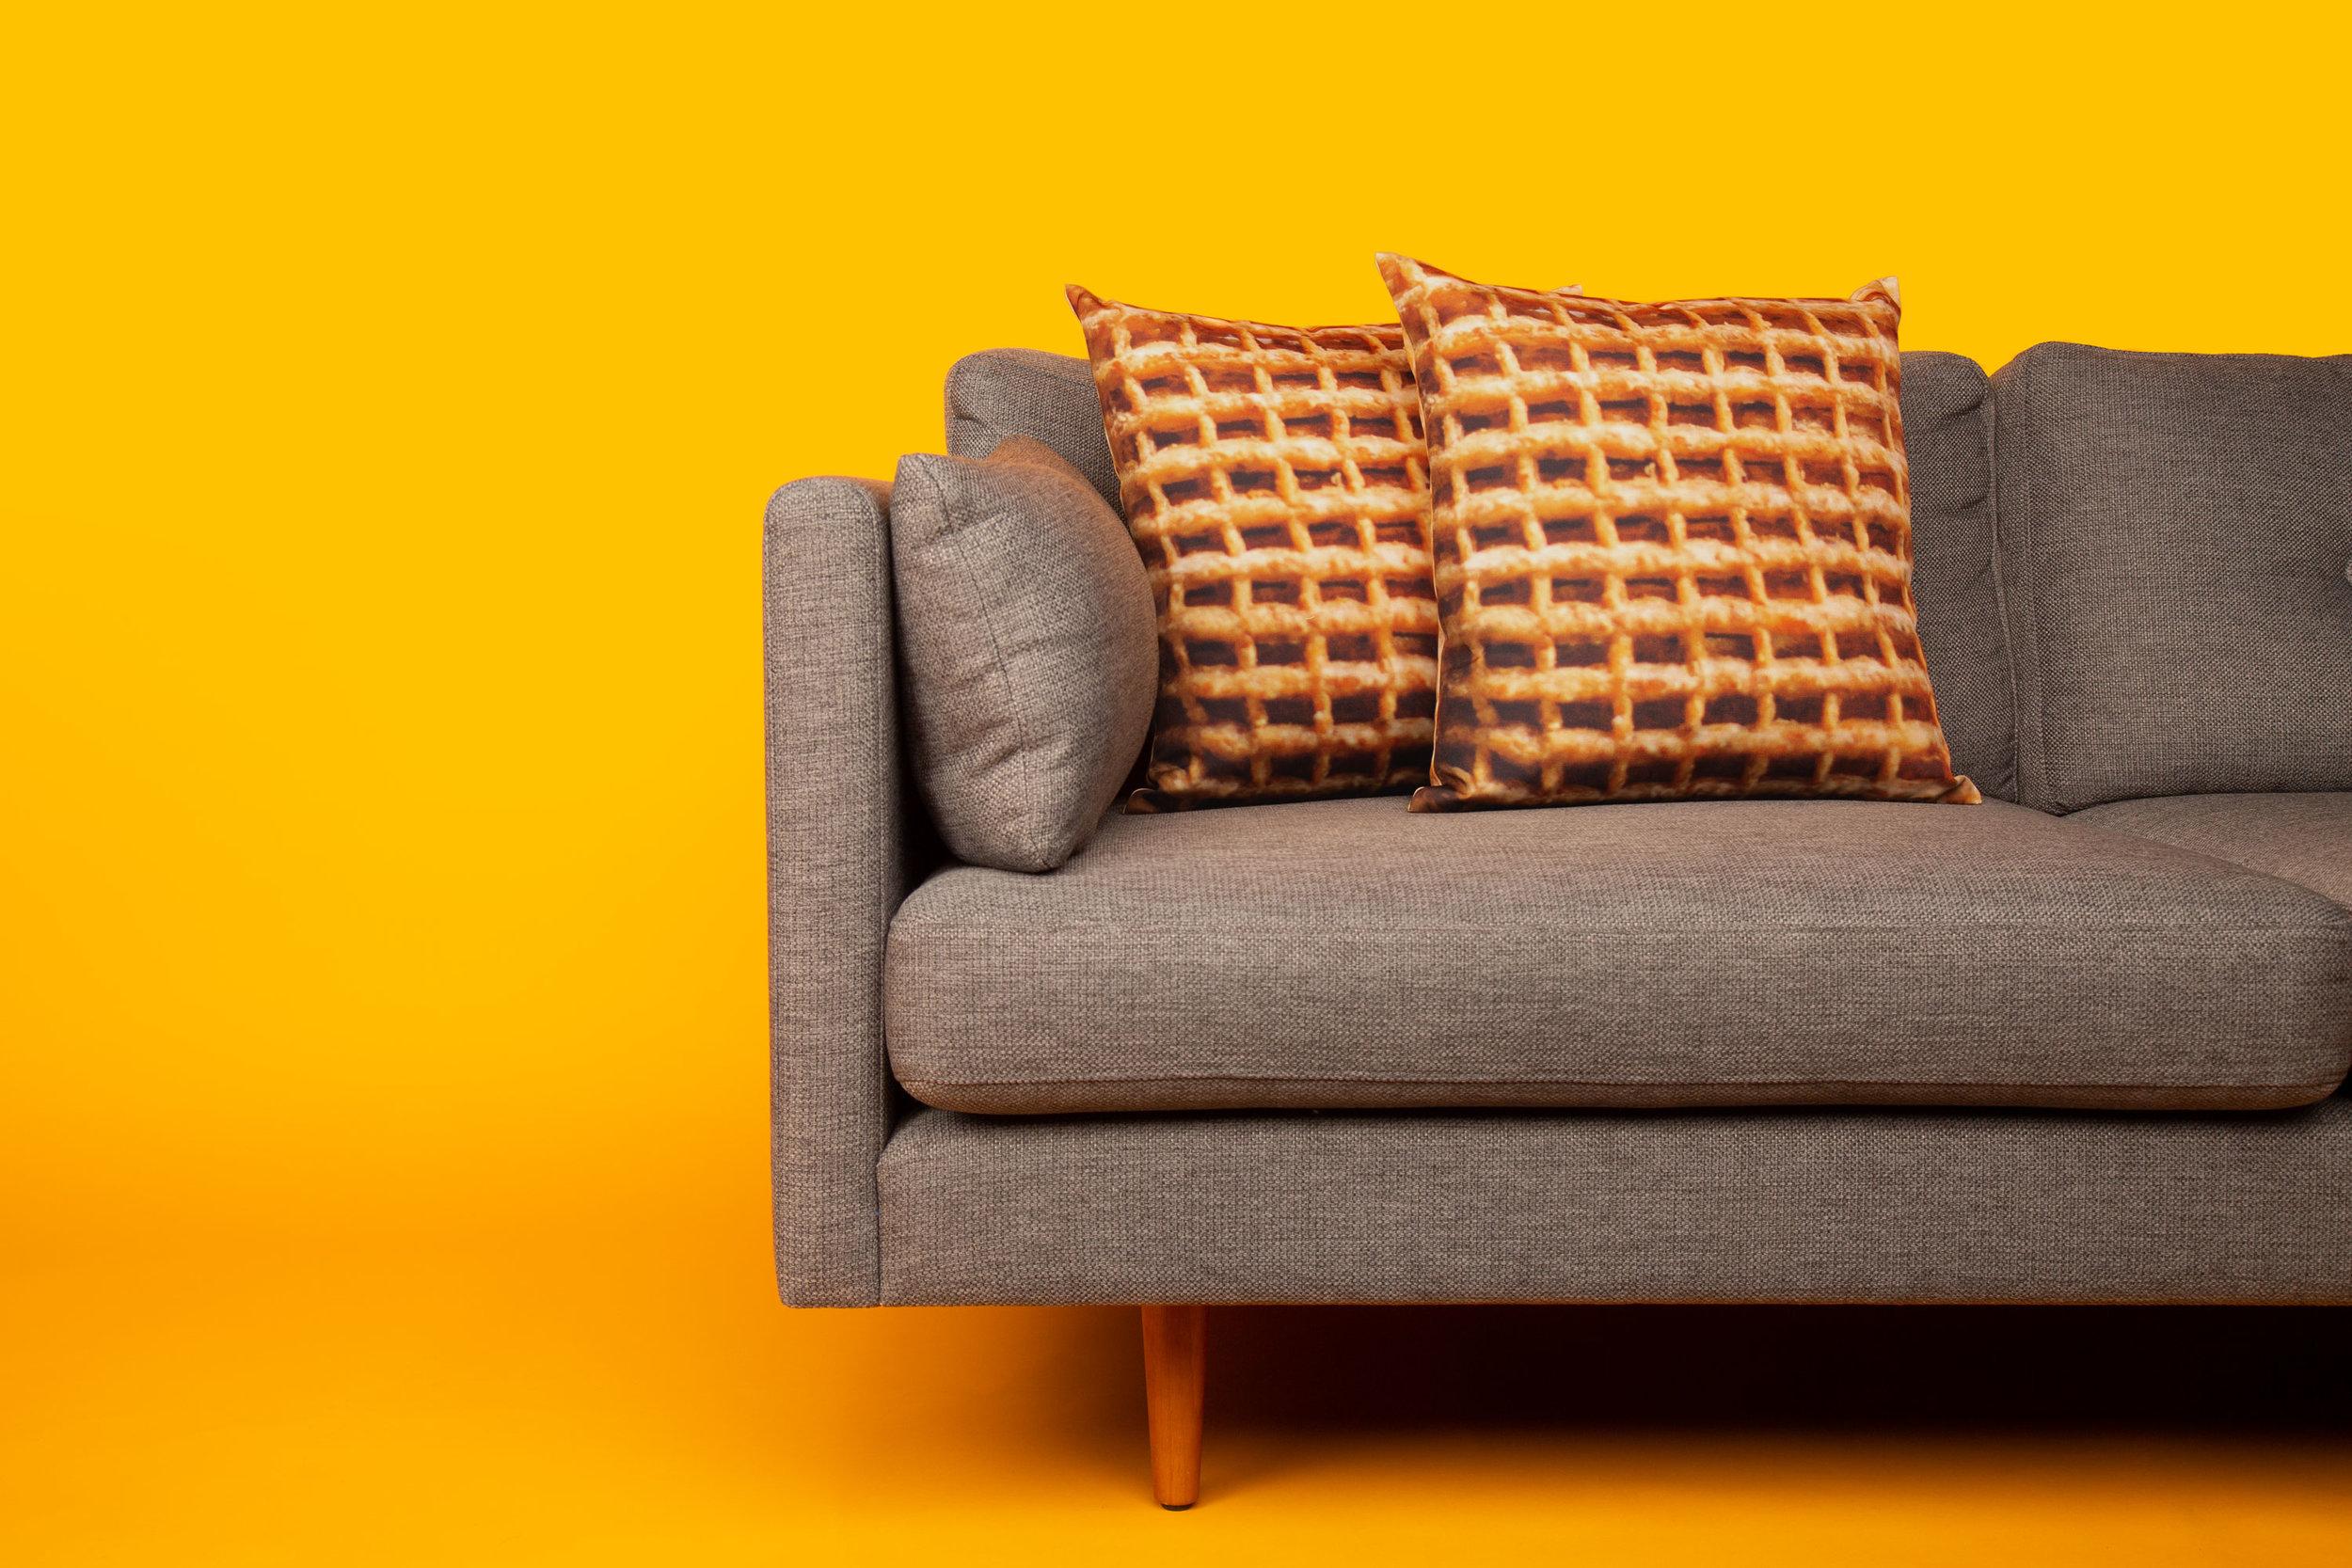 52825-Couch-Horz-1880-v2-sRGB.jpg